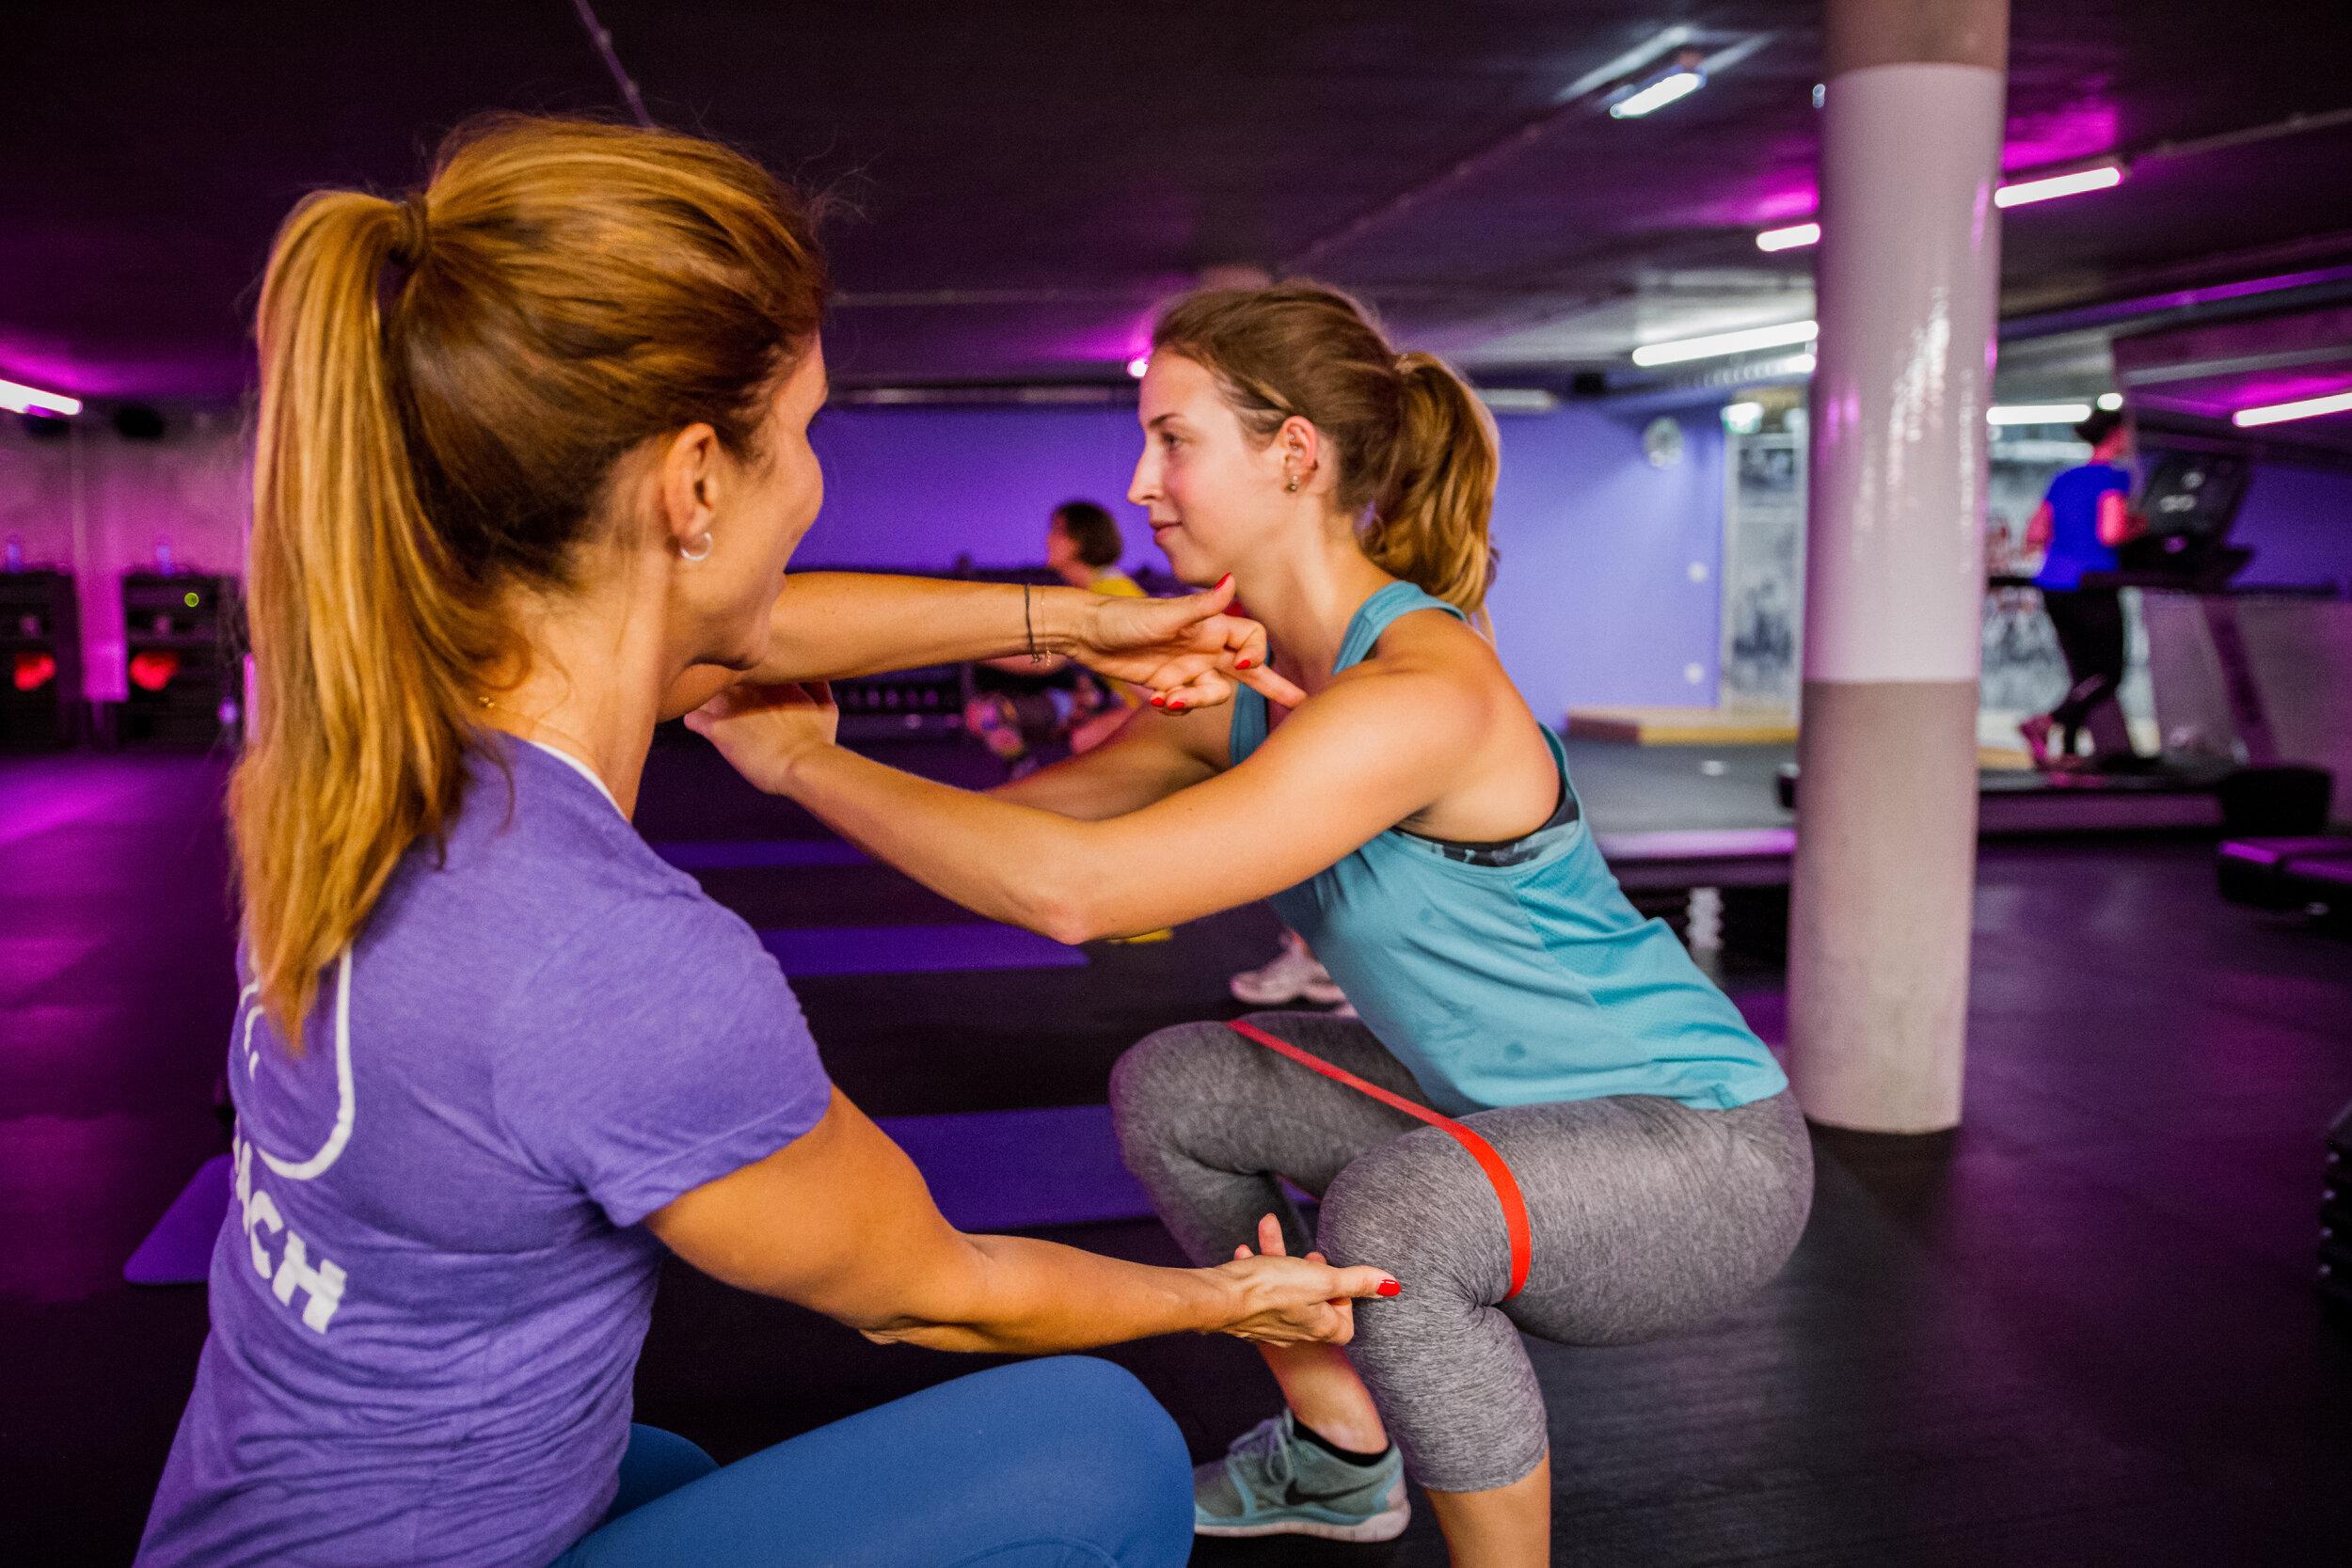 SAYYES to enjoying your workout - Jeden Tag erwartet dich ein anderes Workout. Durch die ständige Variation wird der Körper ganzheitlich trainiert, die Einheiten werden nie langweilig.